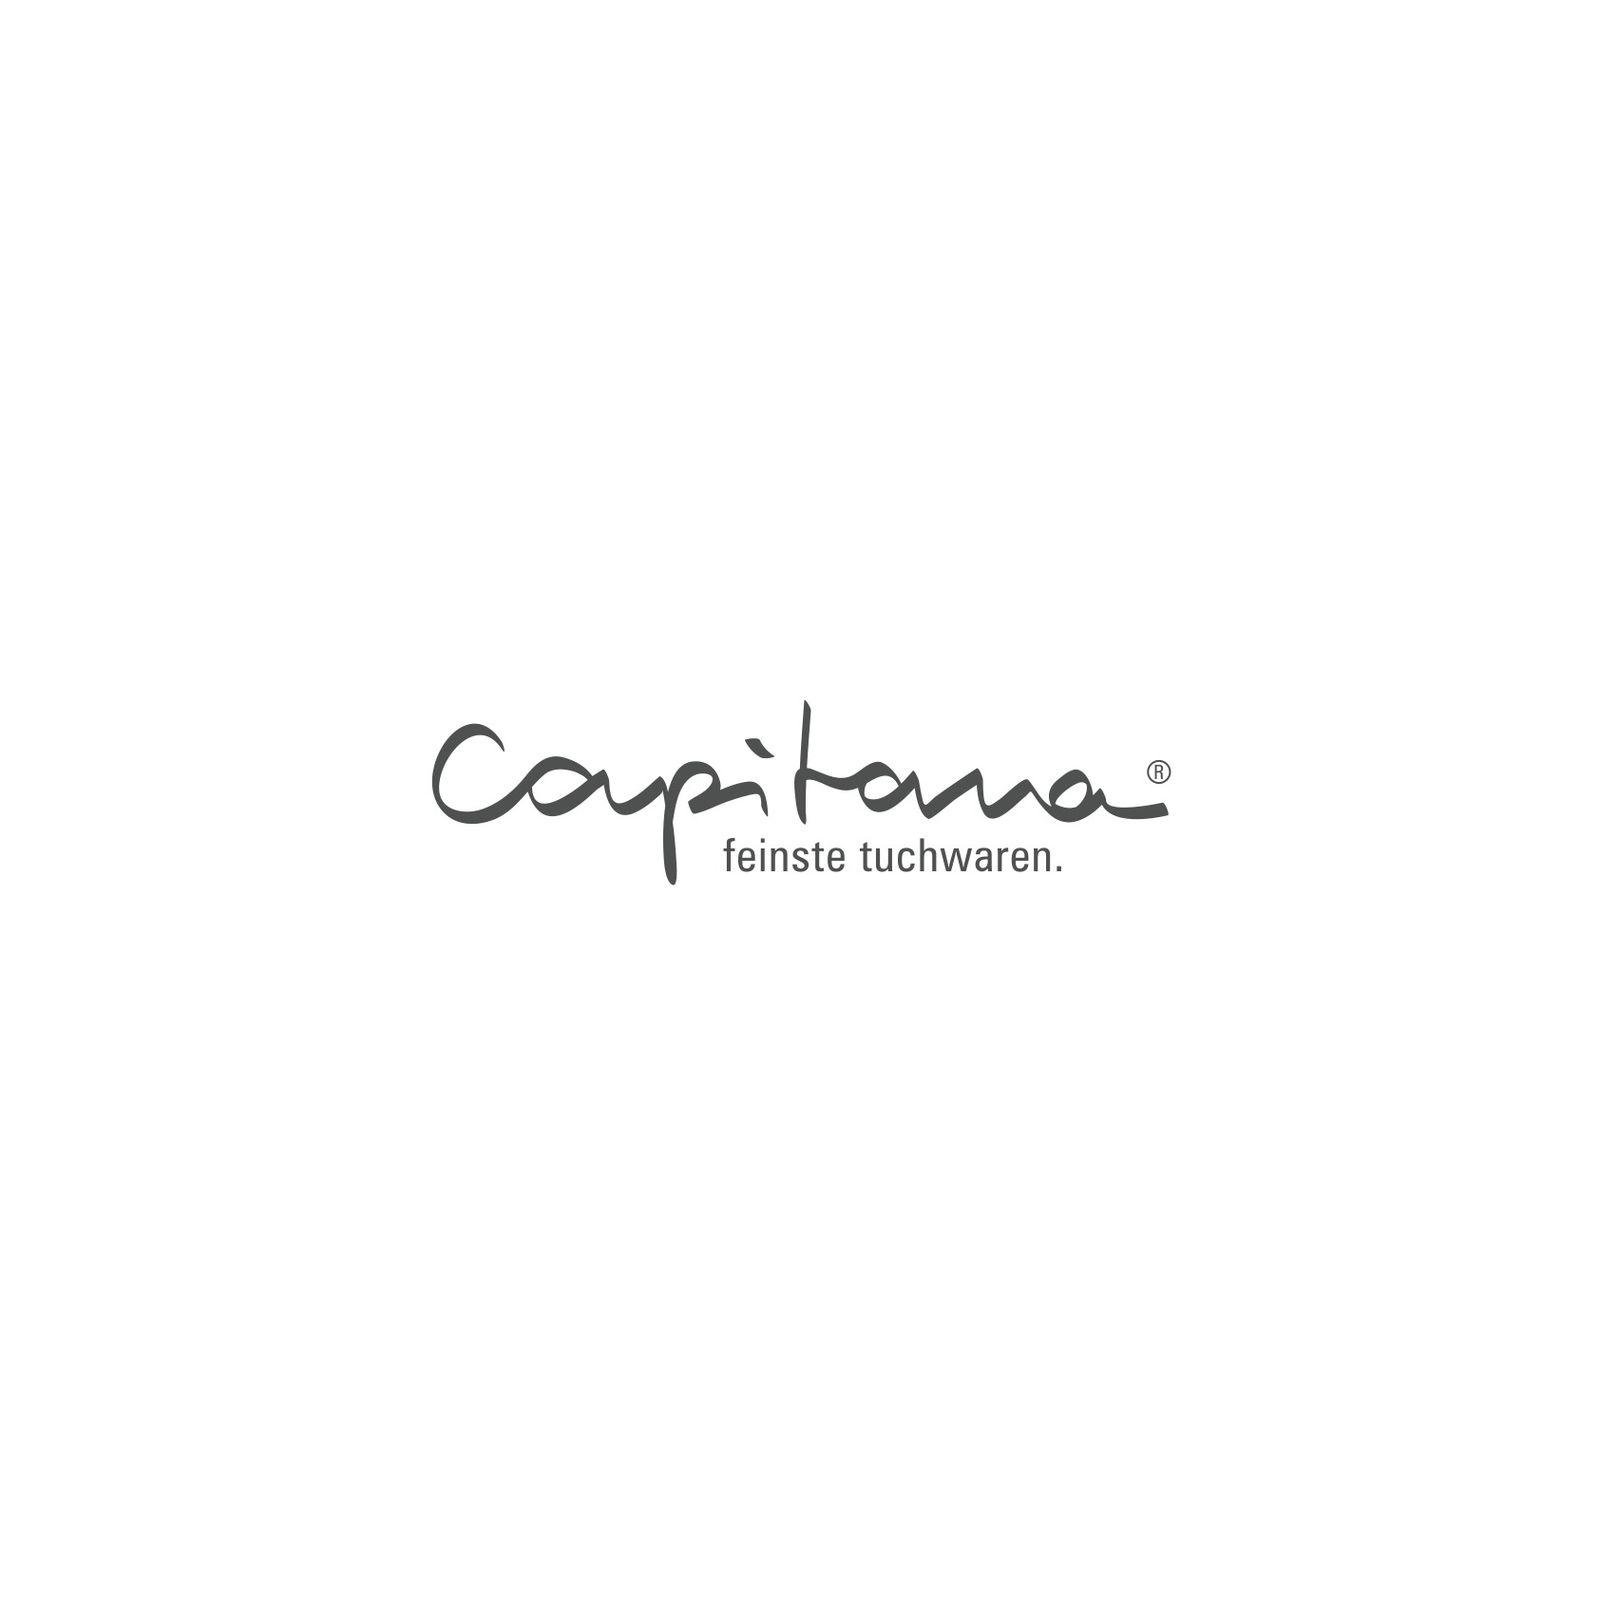 Capitana (Bild 1)